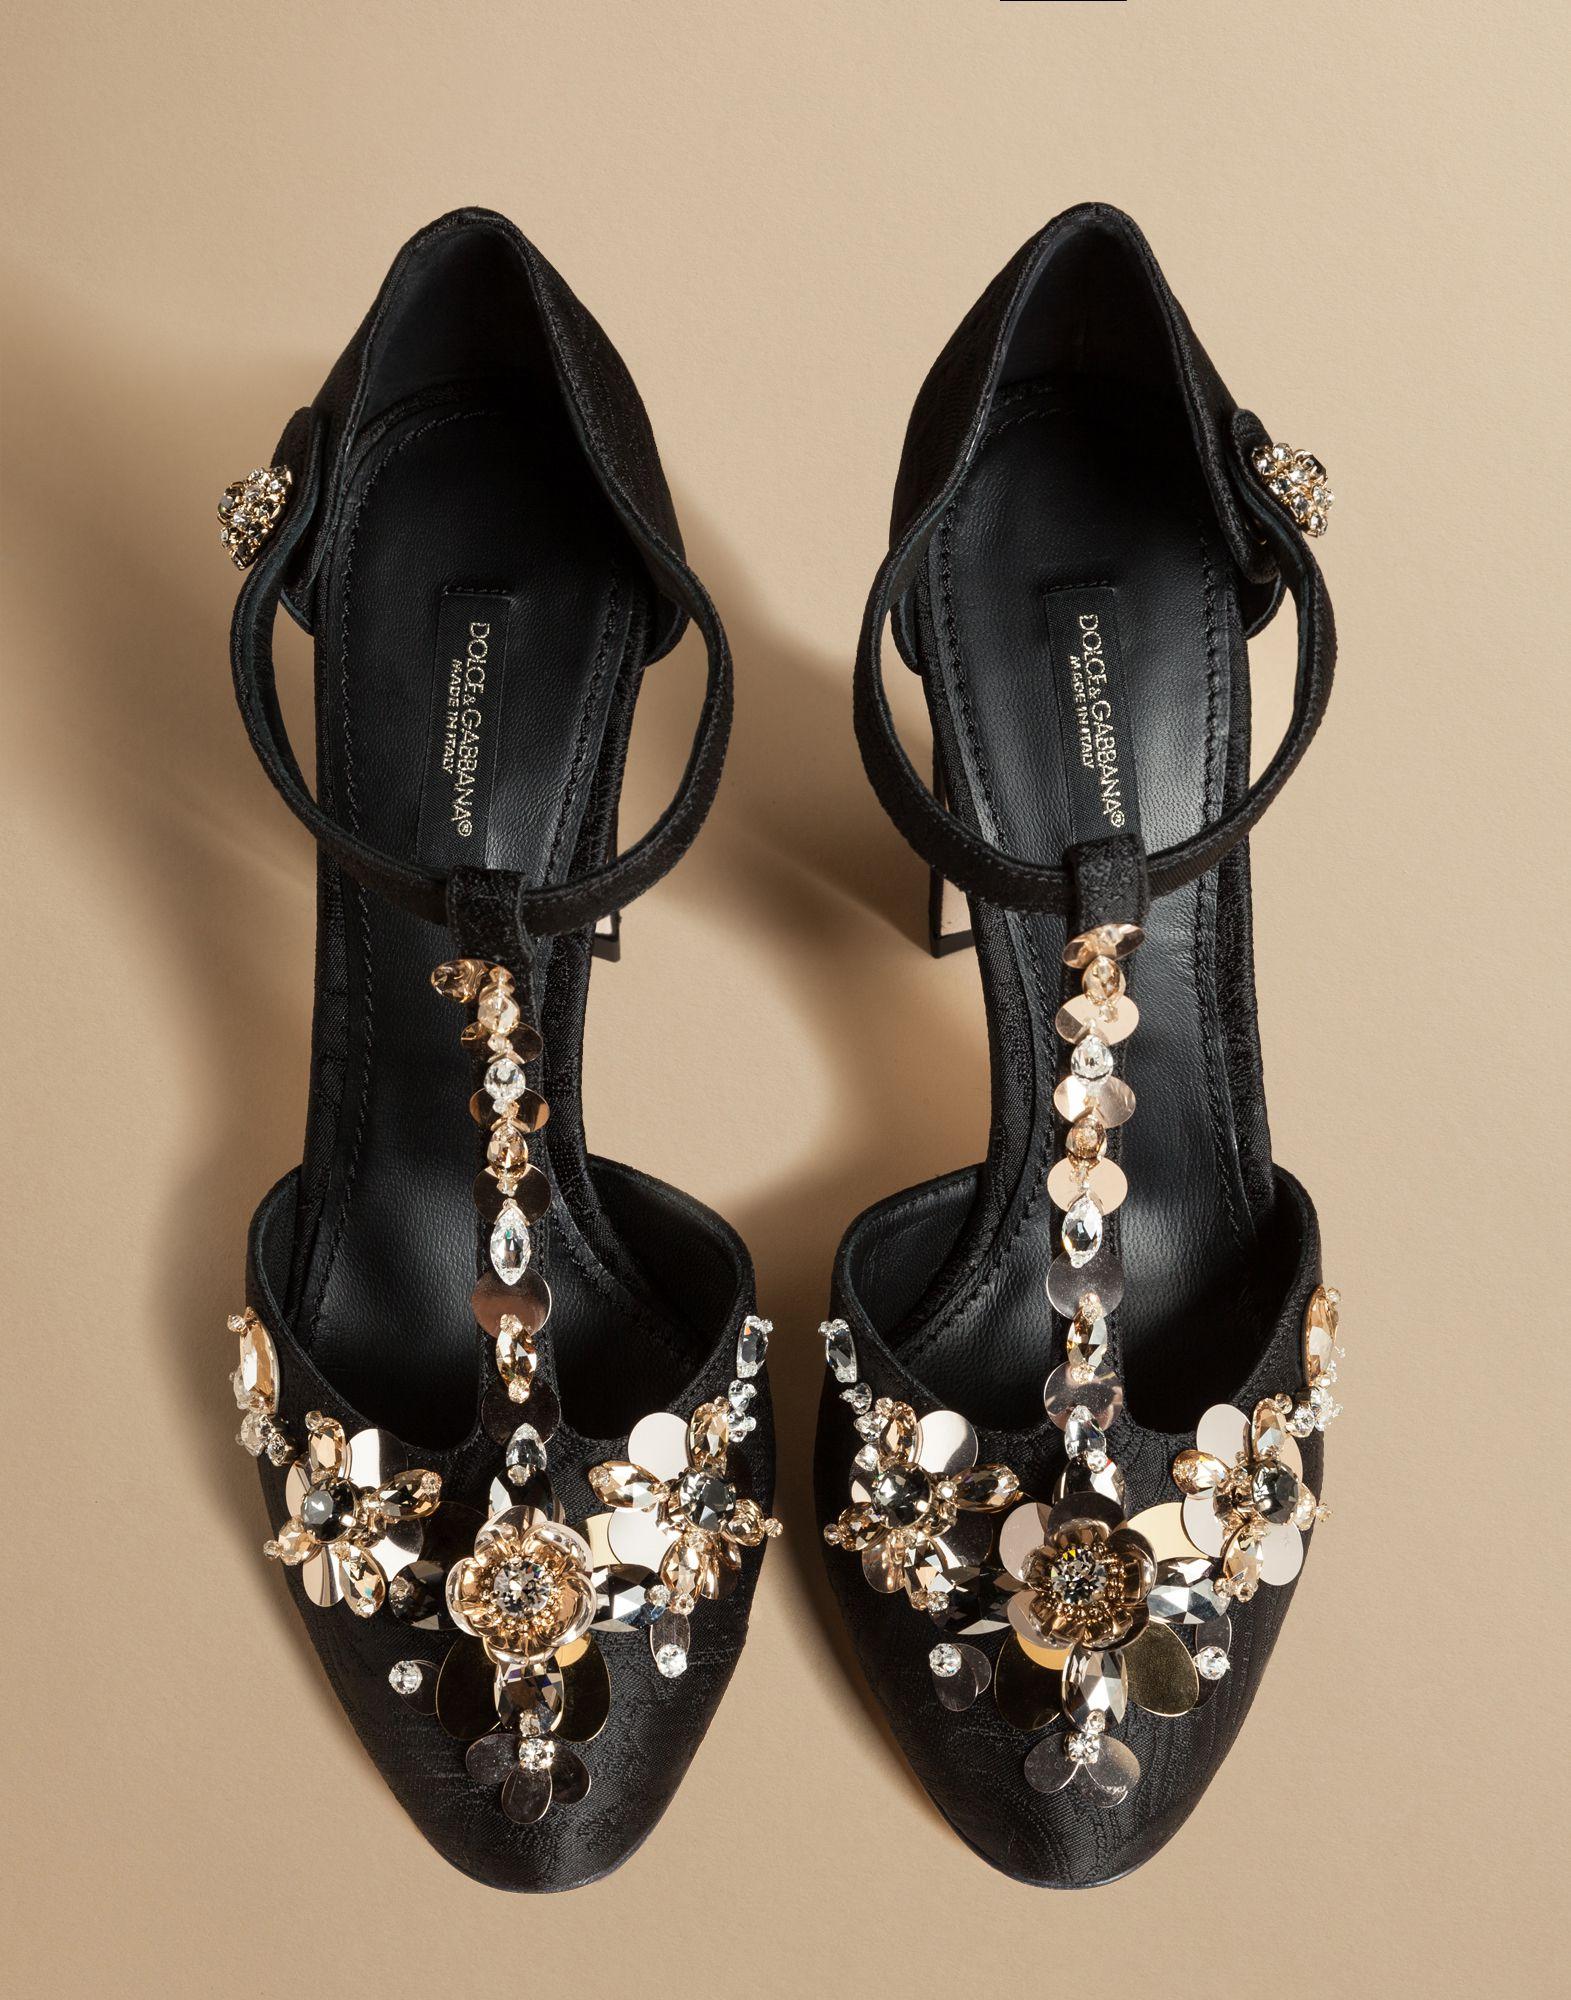 Dolce & Gabbana.JPG